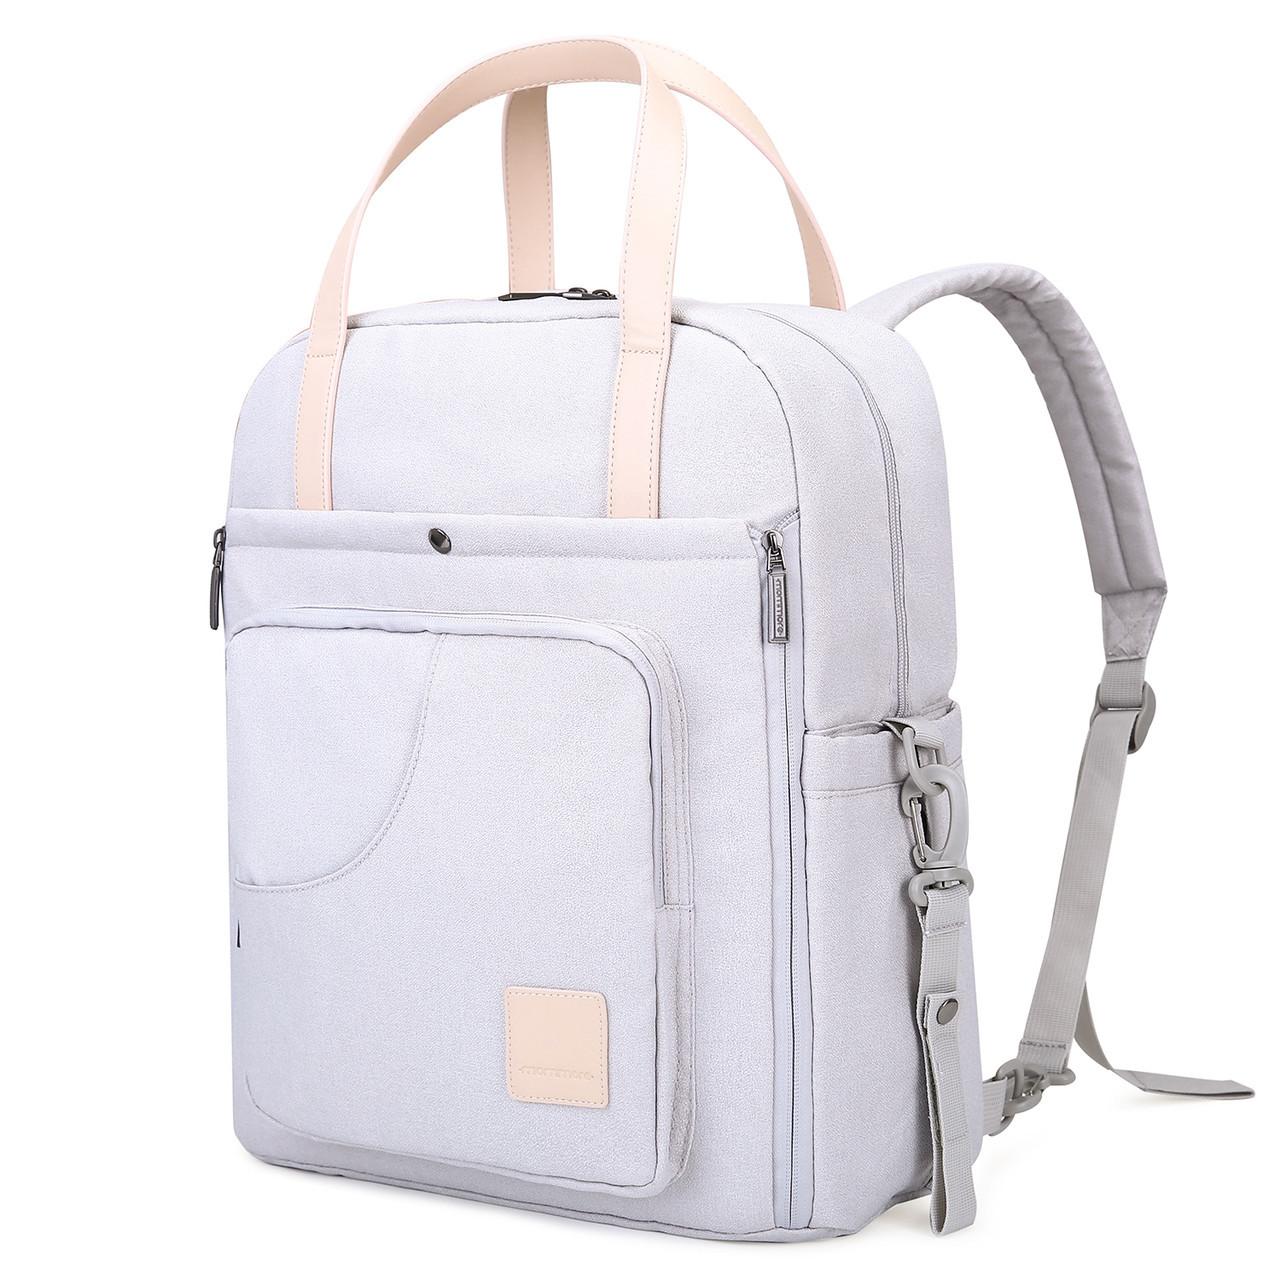 Сумка-рюкзак  для мам многофункиональная светло-серая  Mommore, фото 1